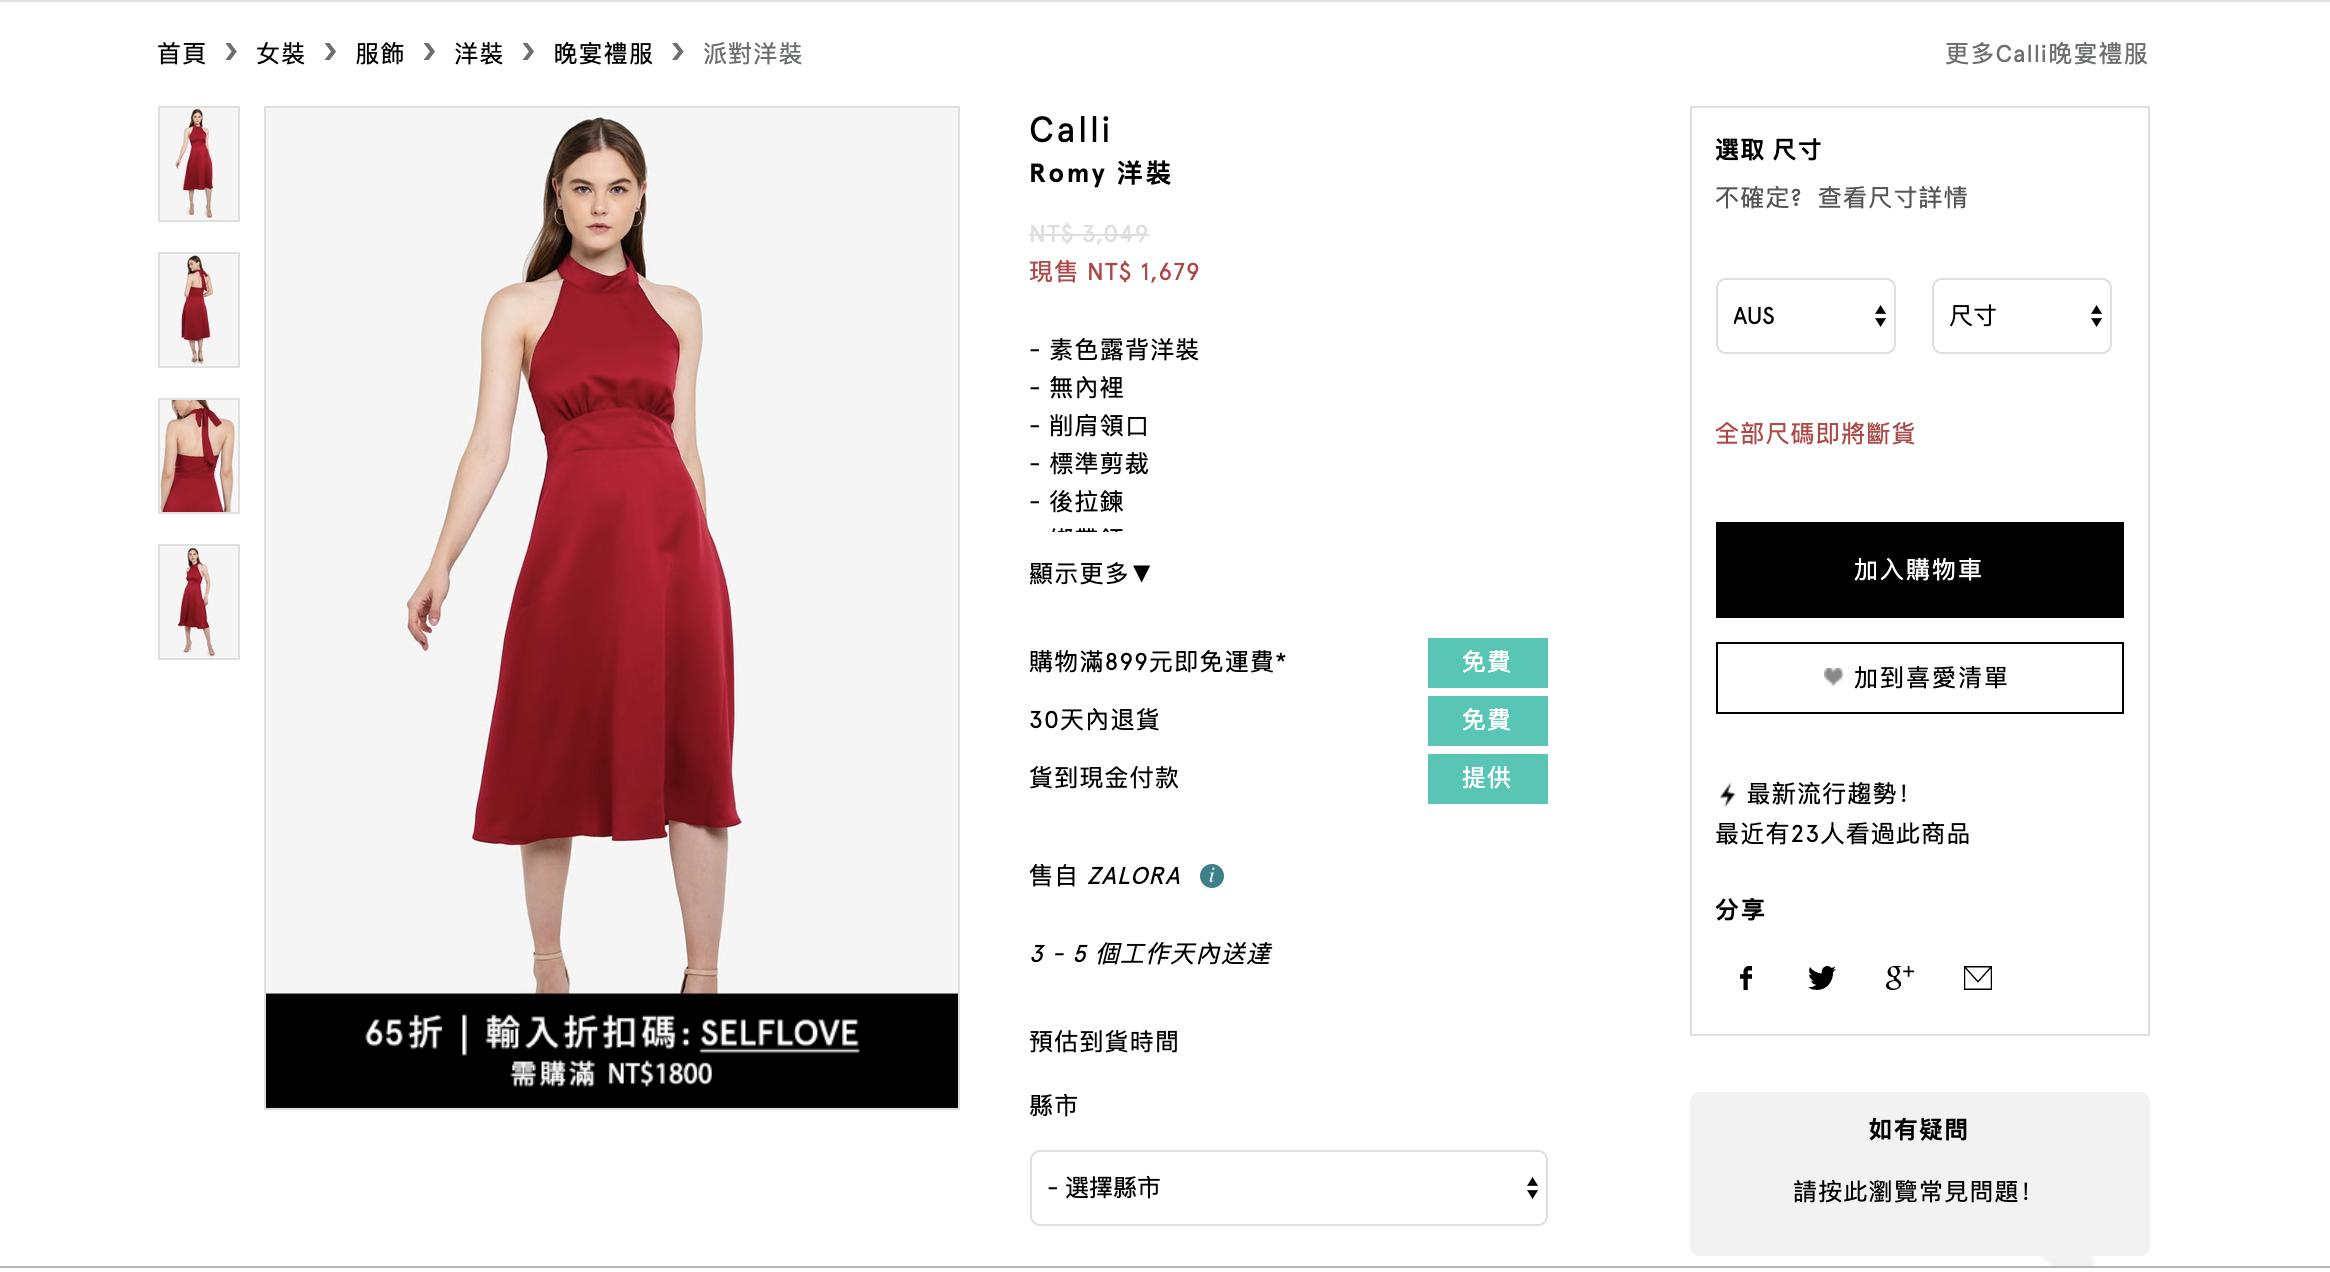 像這件酒紅色連衣裙就超級適合即將到來的年會/聖誕節/各種party